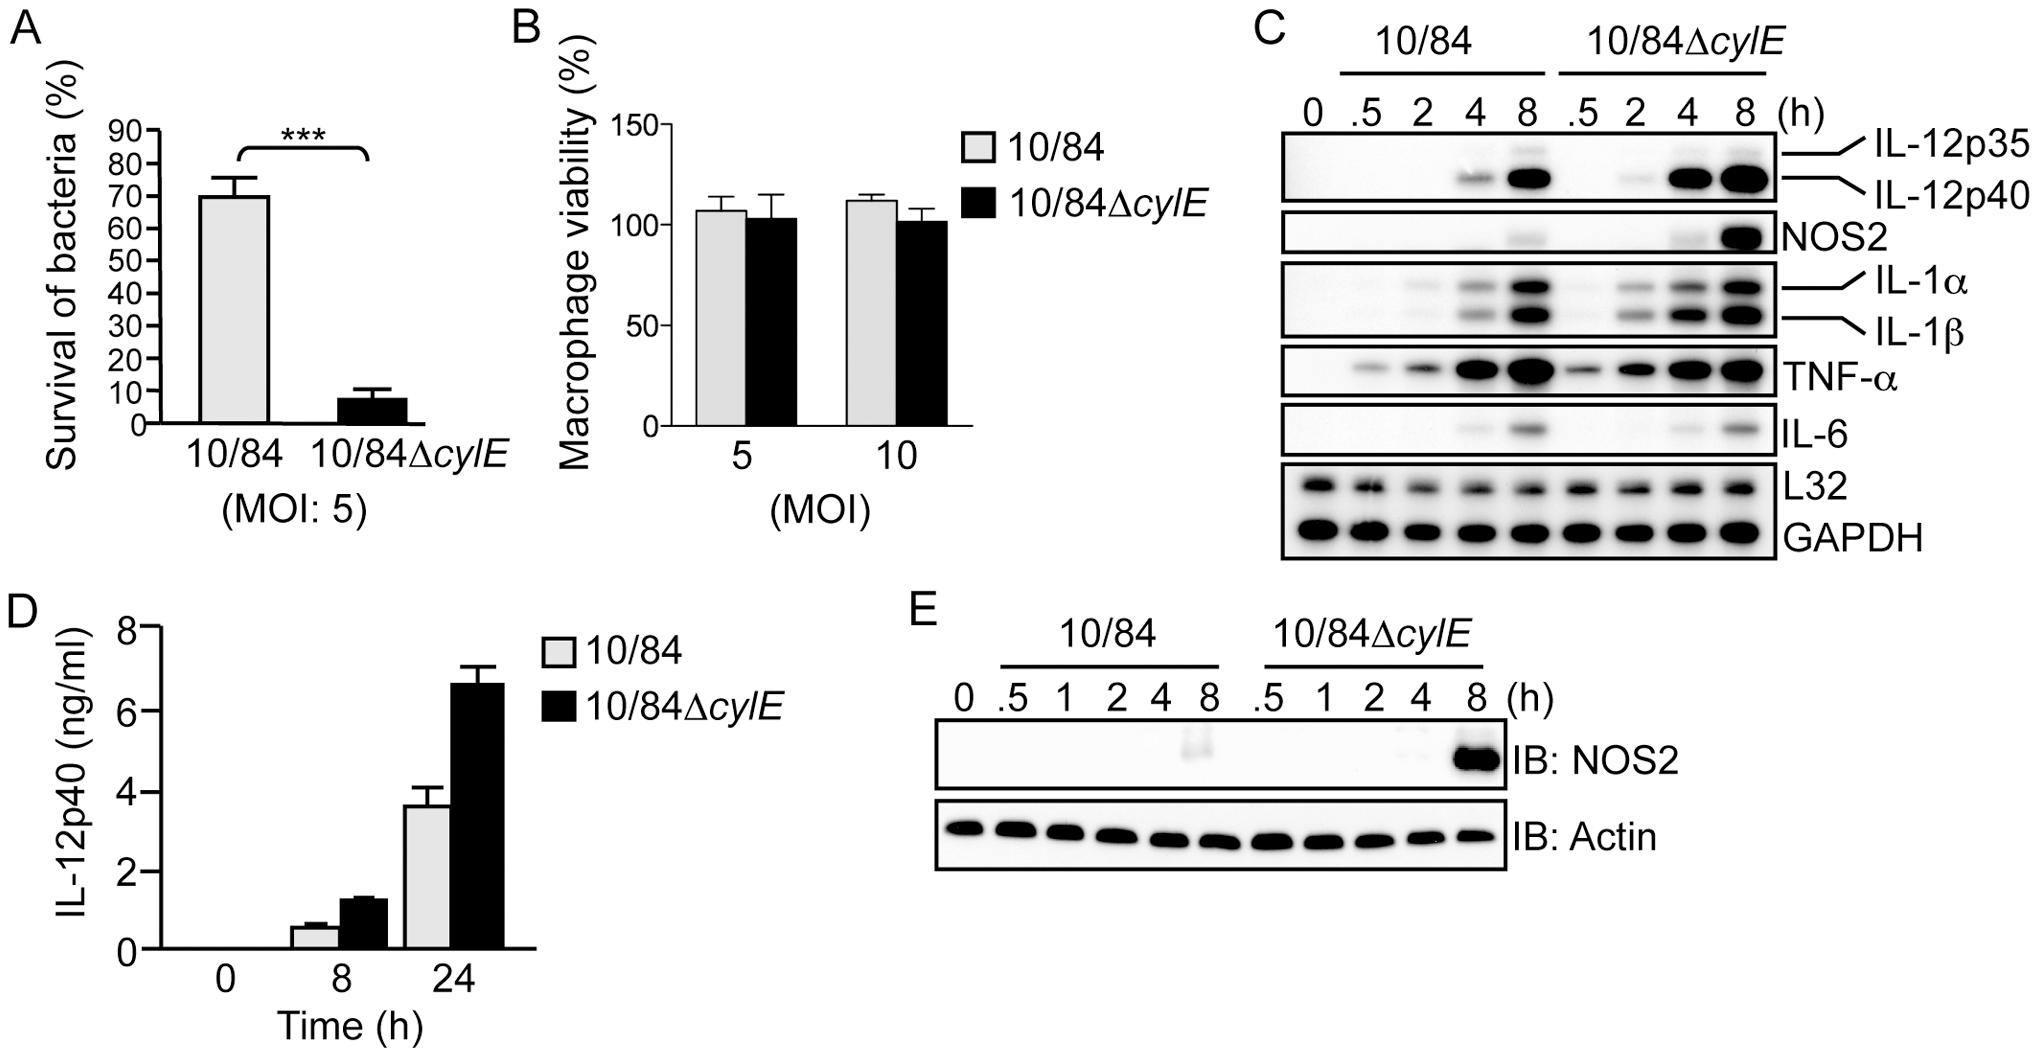 β hemolysin/cytolysin inhibits macrophage killing activity and induction of IL-12 and NOS2 expression at sub-lytic concentrations.